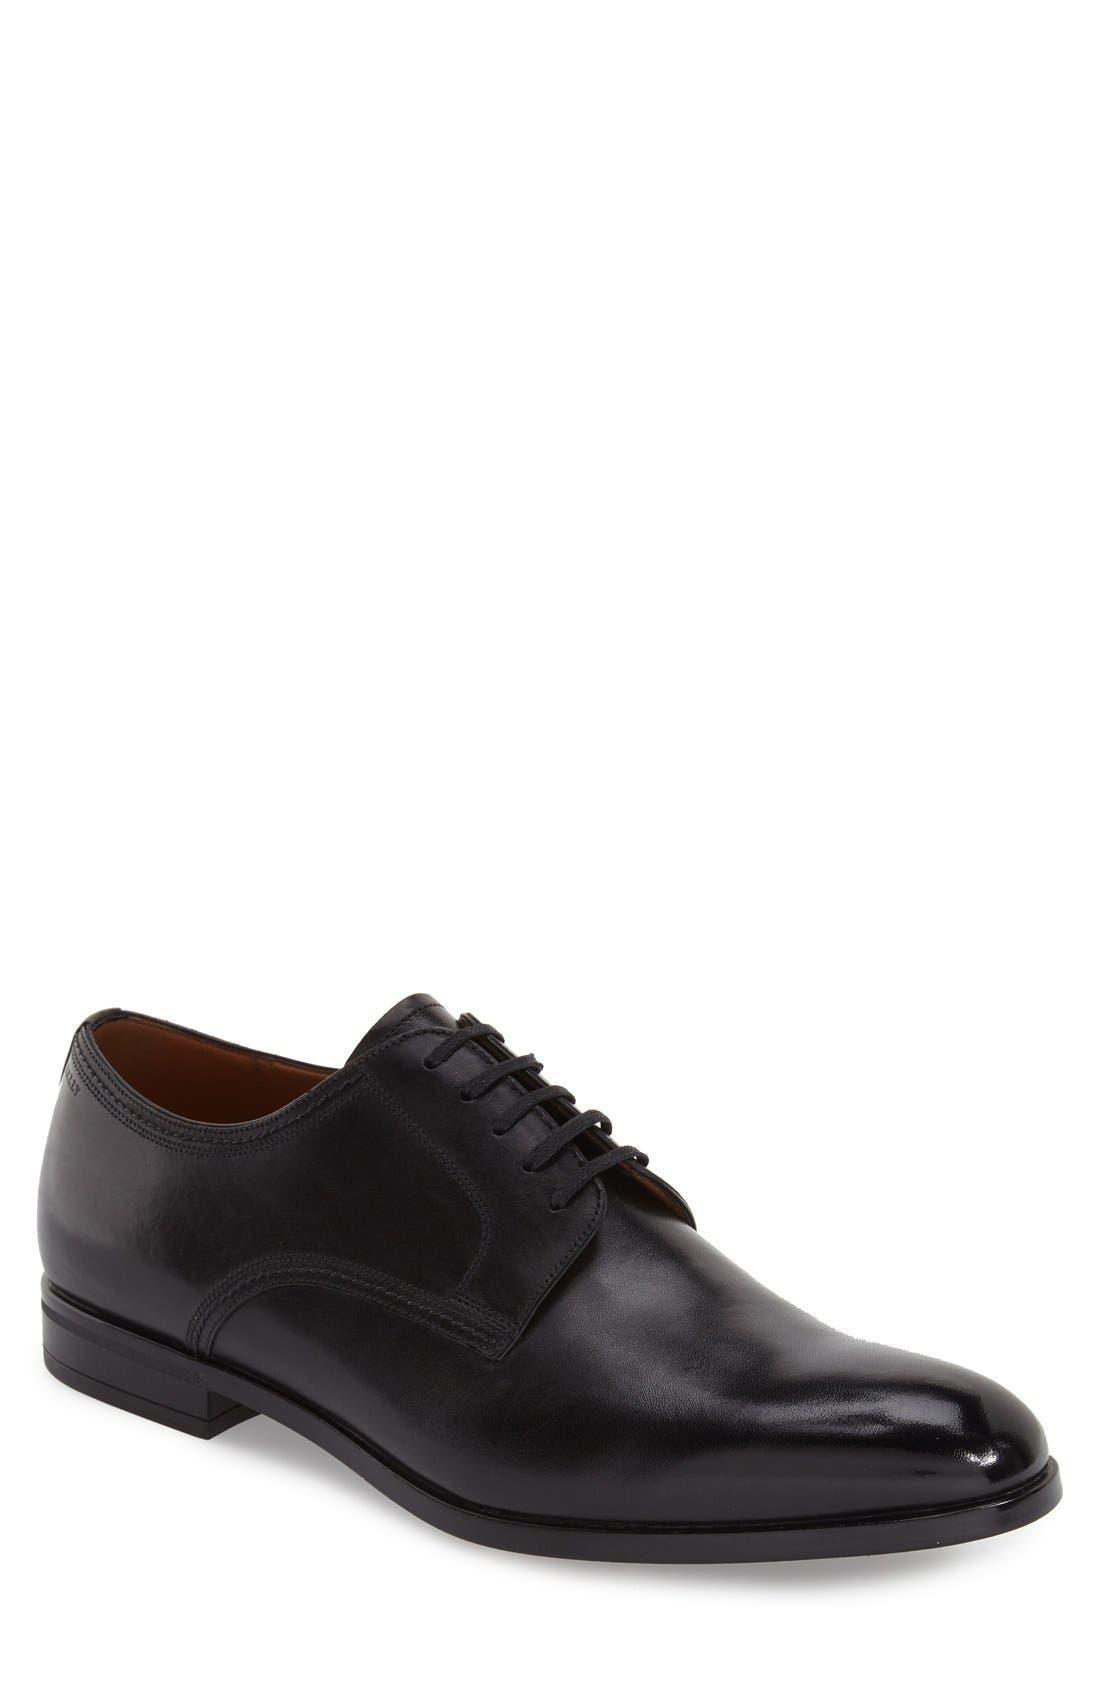 'Latour' Plain Toe Derby, Main, color, 001